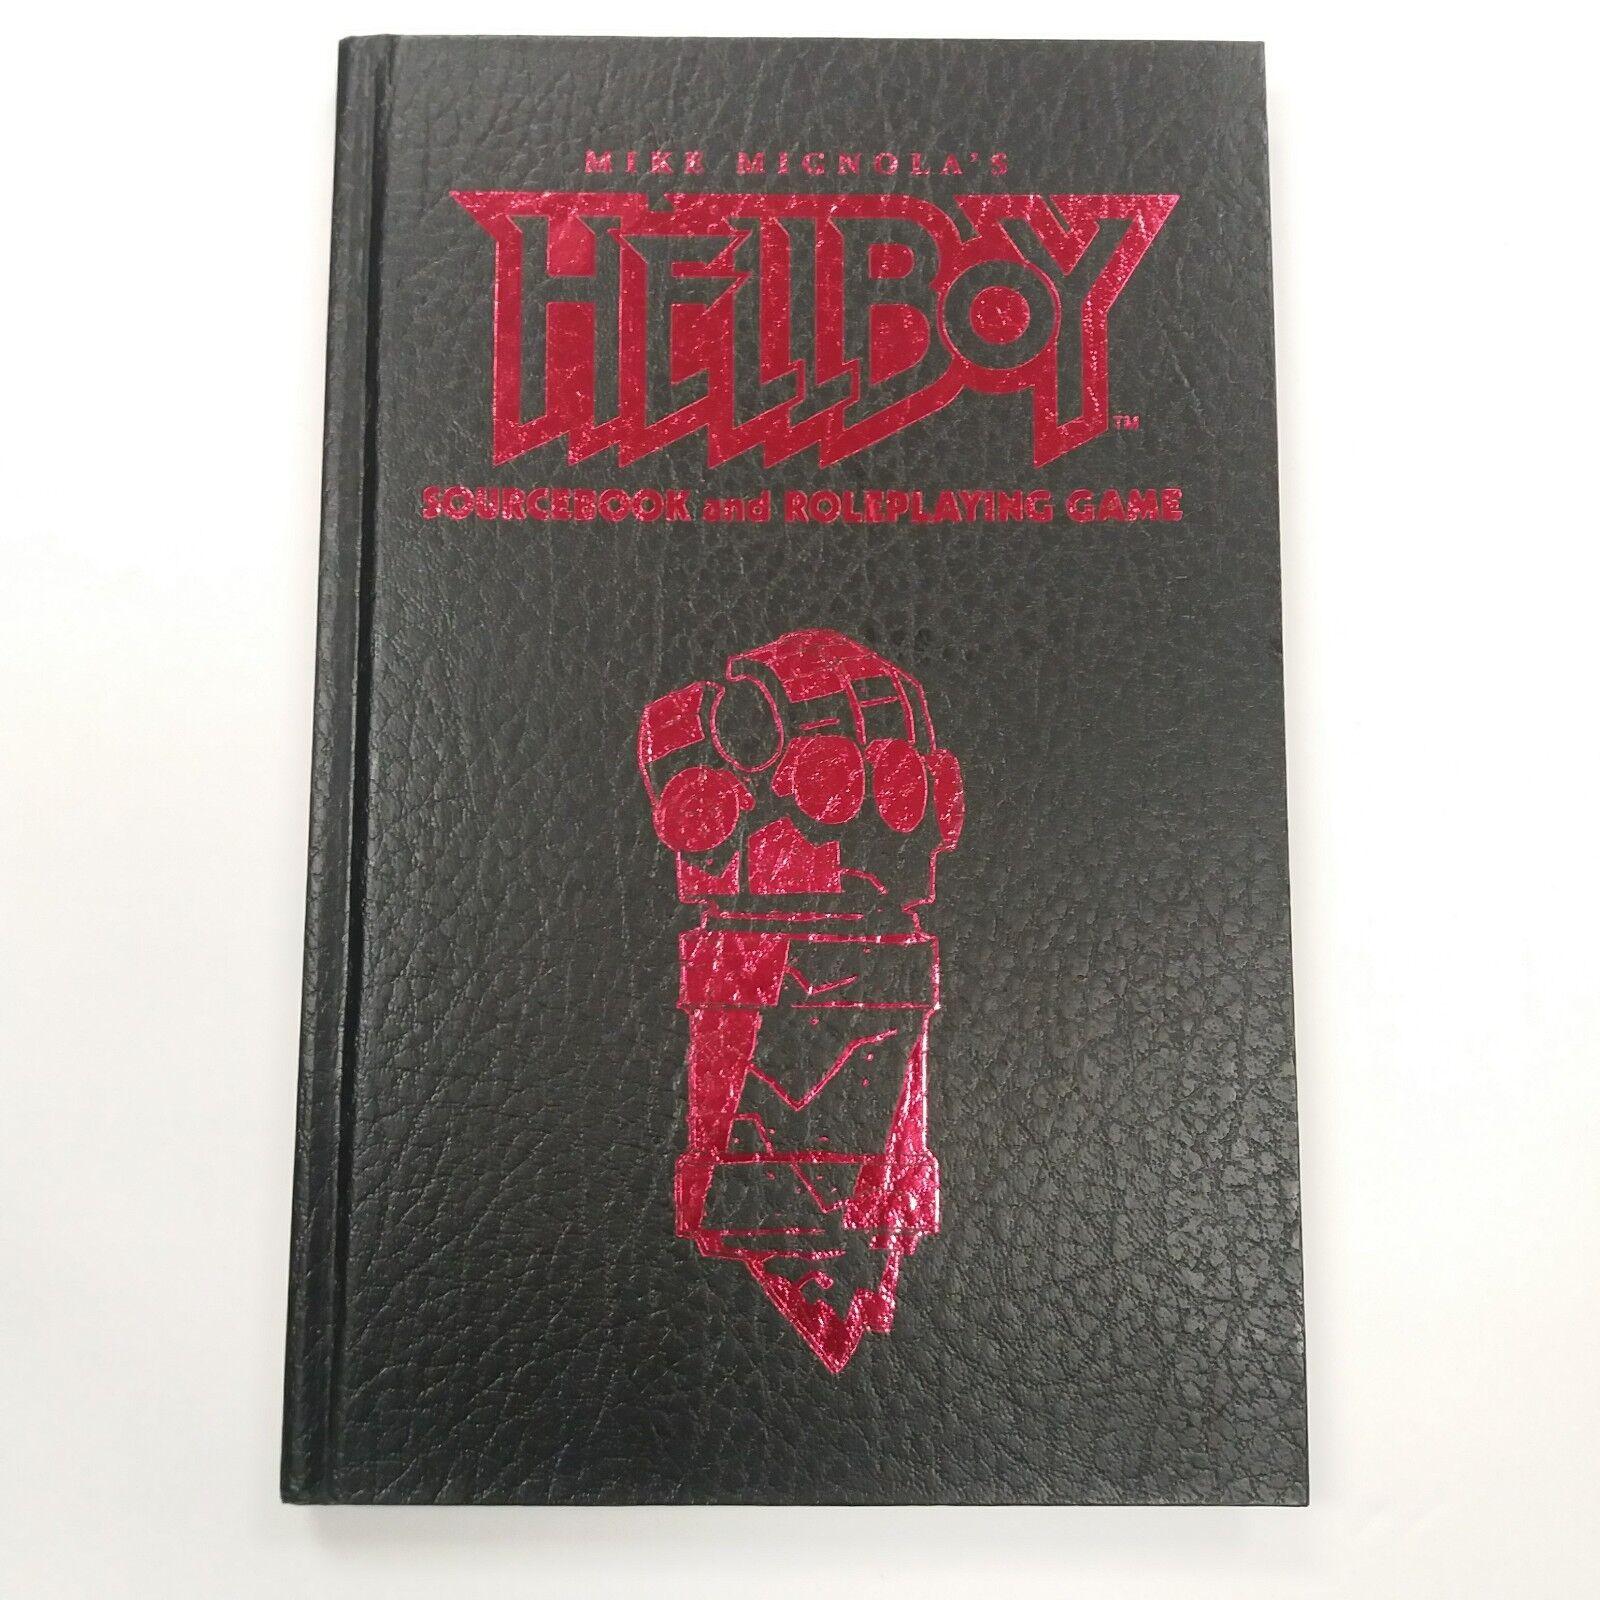 Juego de rol de Hellboy libro de consulta y edición limitada Steve Jackson Games 2002